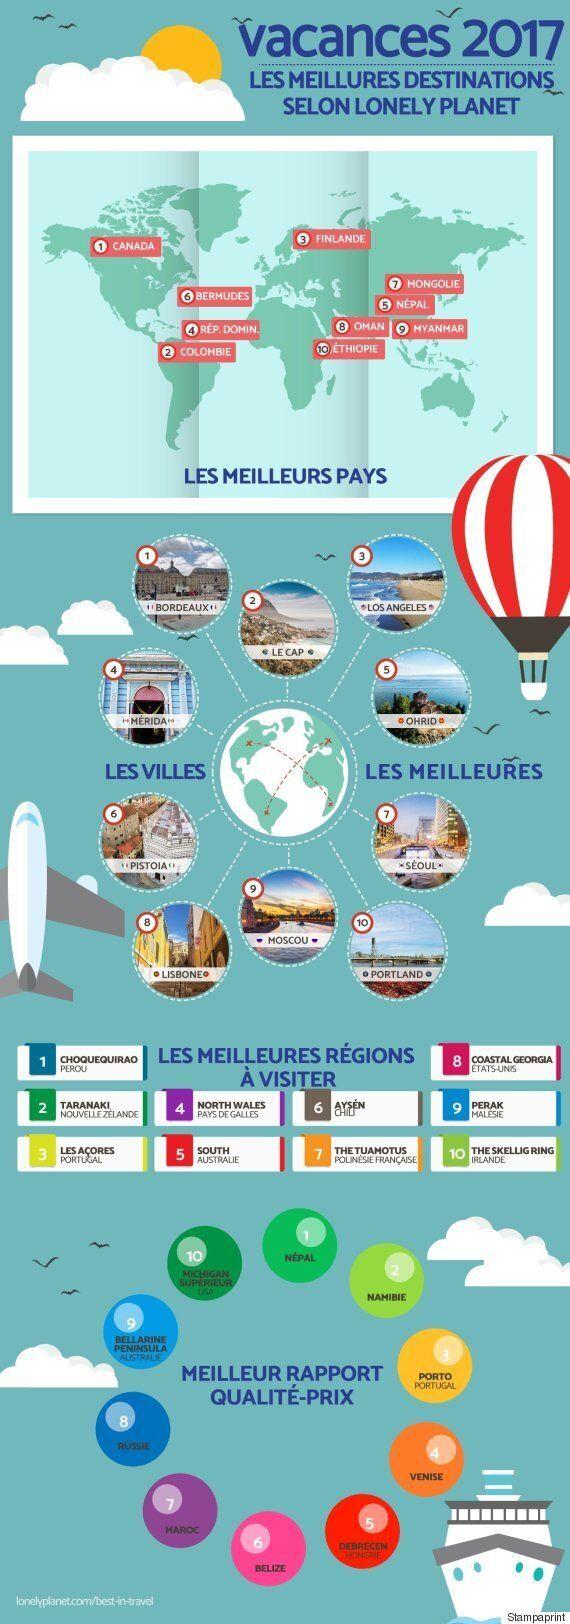 Les 10 villes les plus tendances à visiter en 2017, selon Lonely